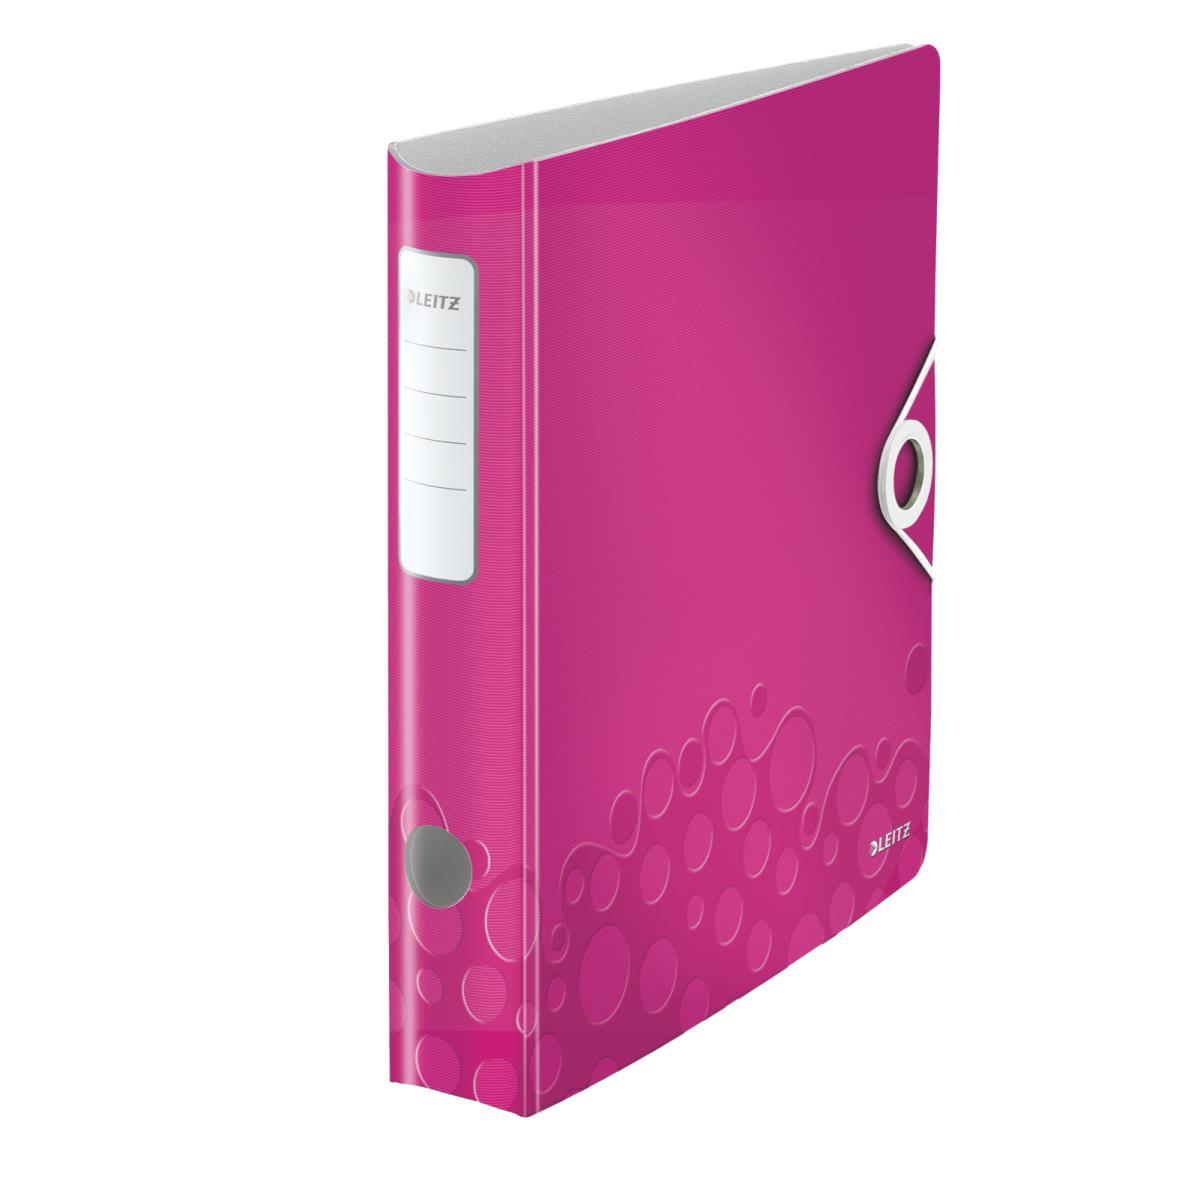 leitz multifunktions ordner a4 runder r cken pink 1 st ck. Black Bedroom Furniture Sets. Home Design Ideas